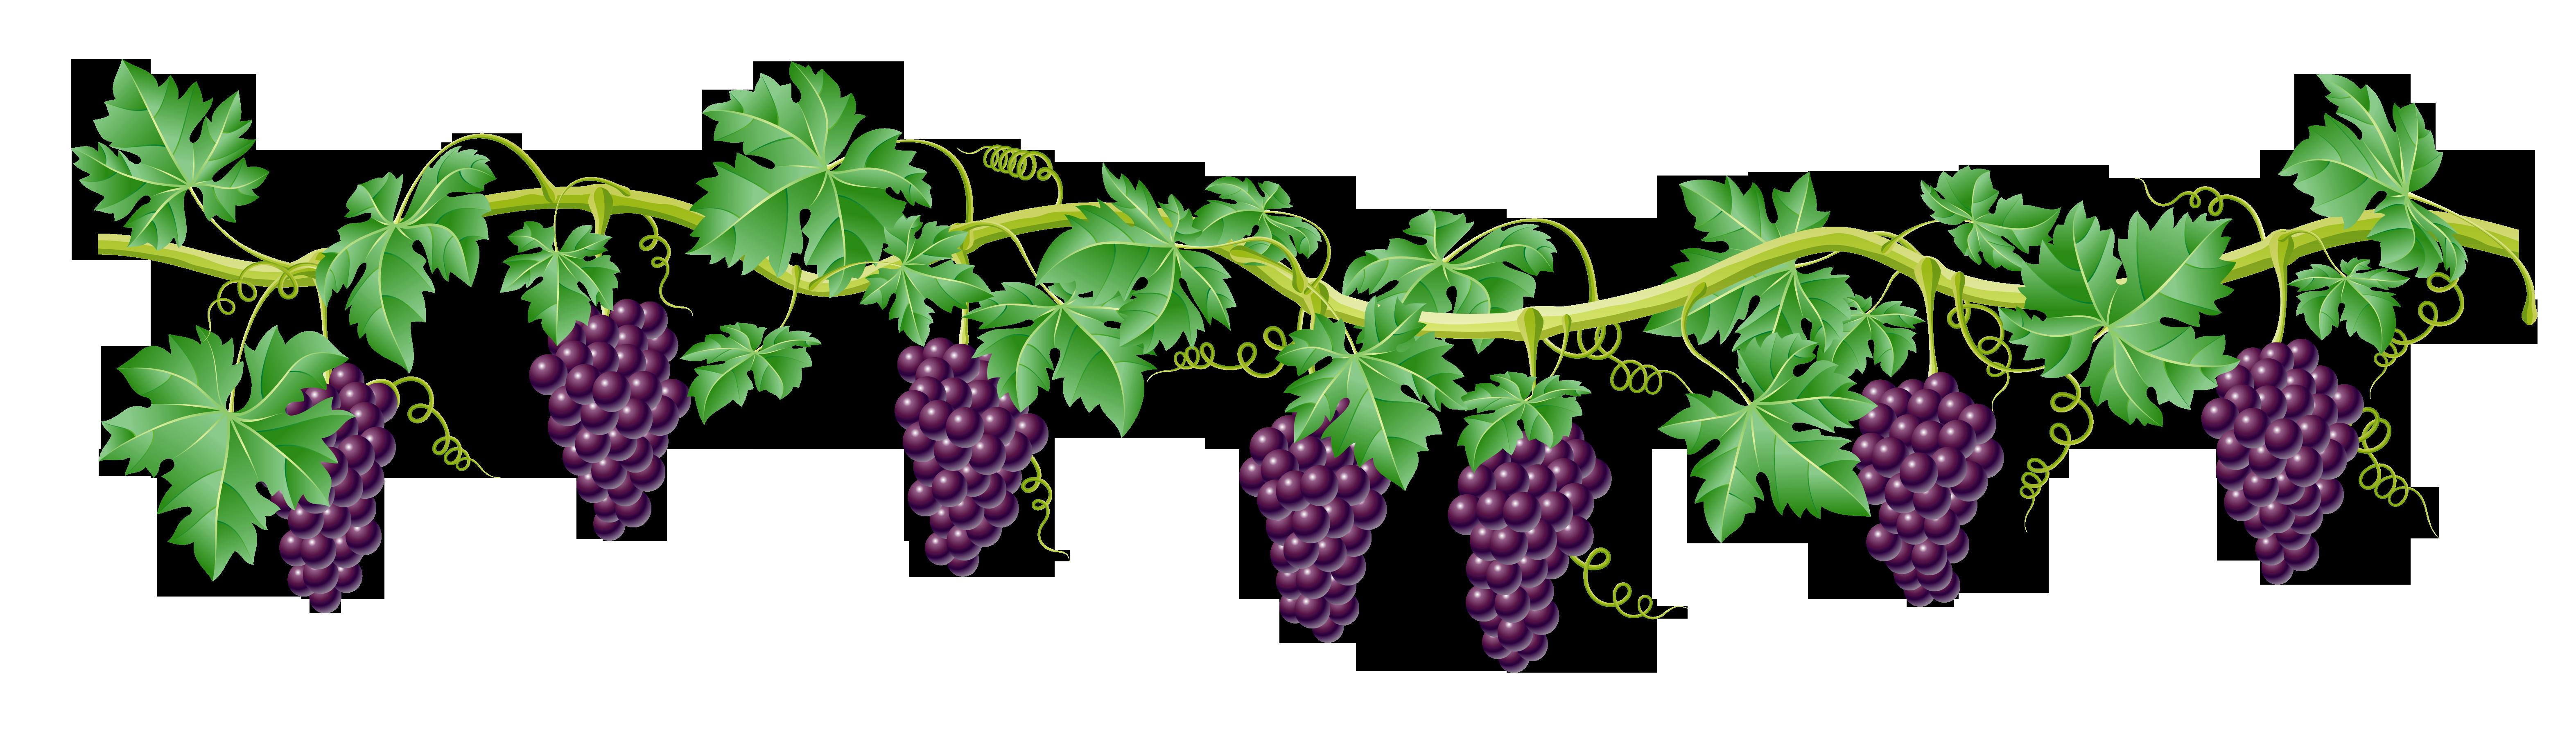 Berries clipart watermelon vine. Kyoho grape clip art